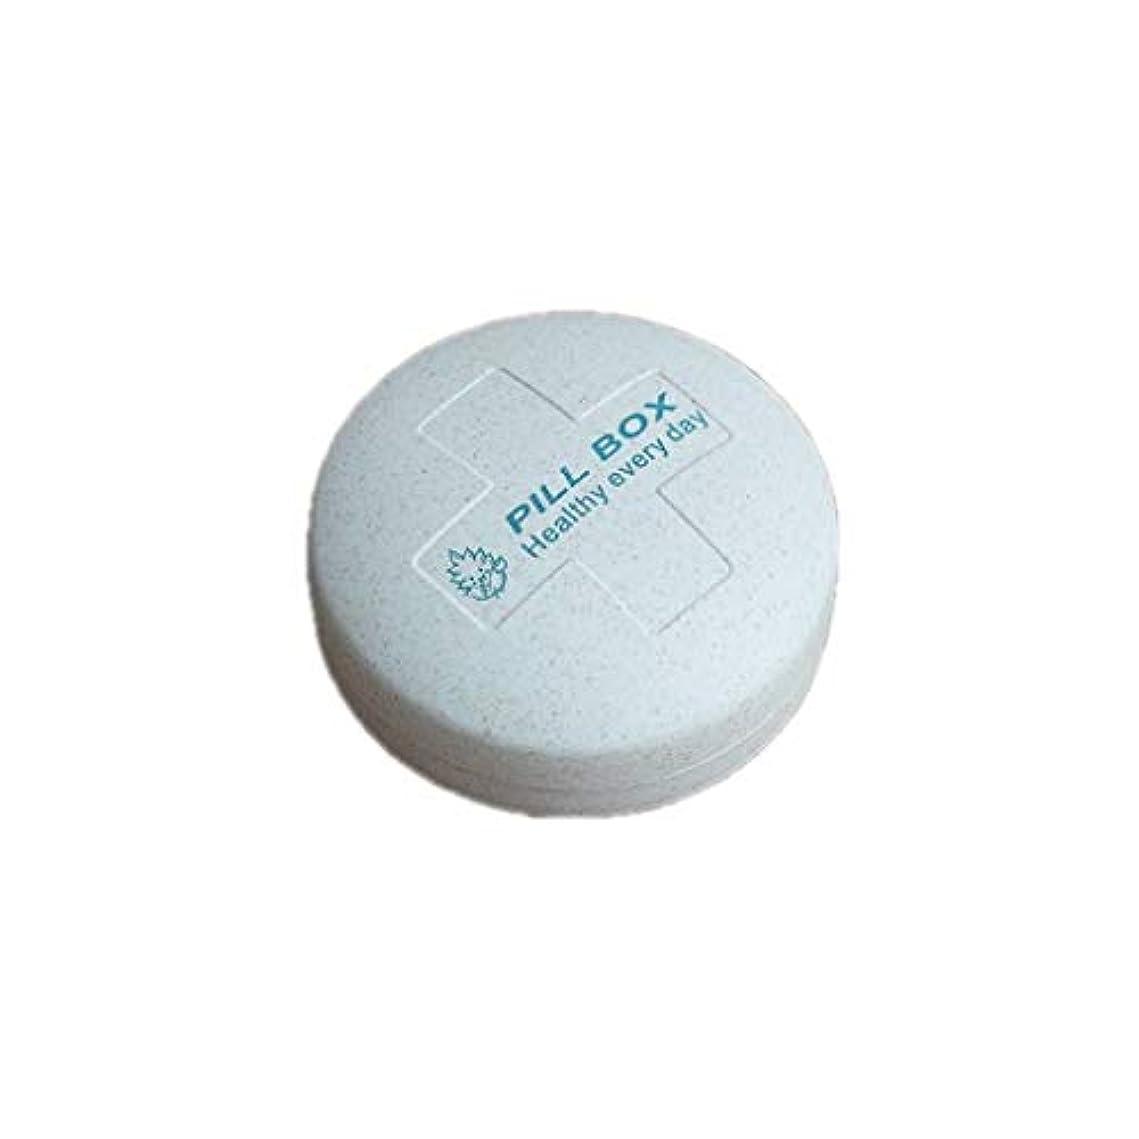 汚す透ける閉塞Yxsd 応急処置キット 5つのコンパートメントピルボックス、ホールダーが付いている薬のタブレットのオルガナイザーのビタミン剤のための携帯用密集した旅行収納箱 (Color : Blue)